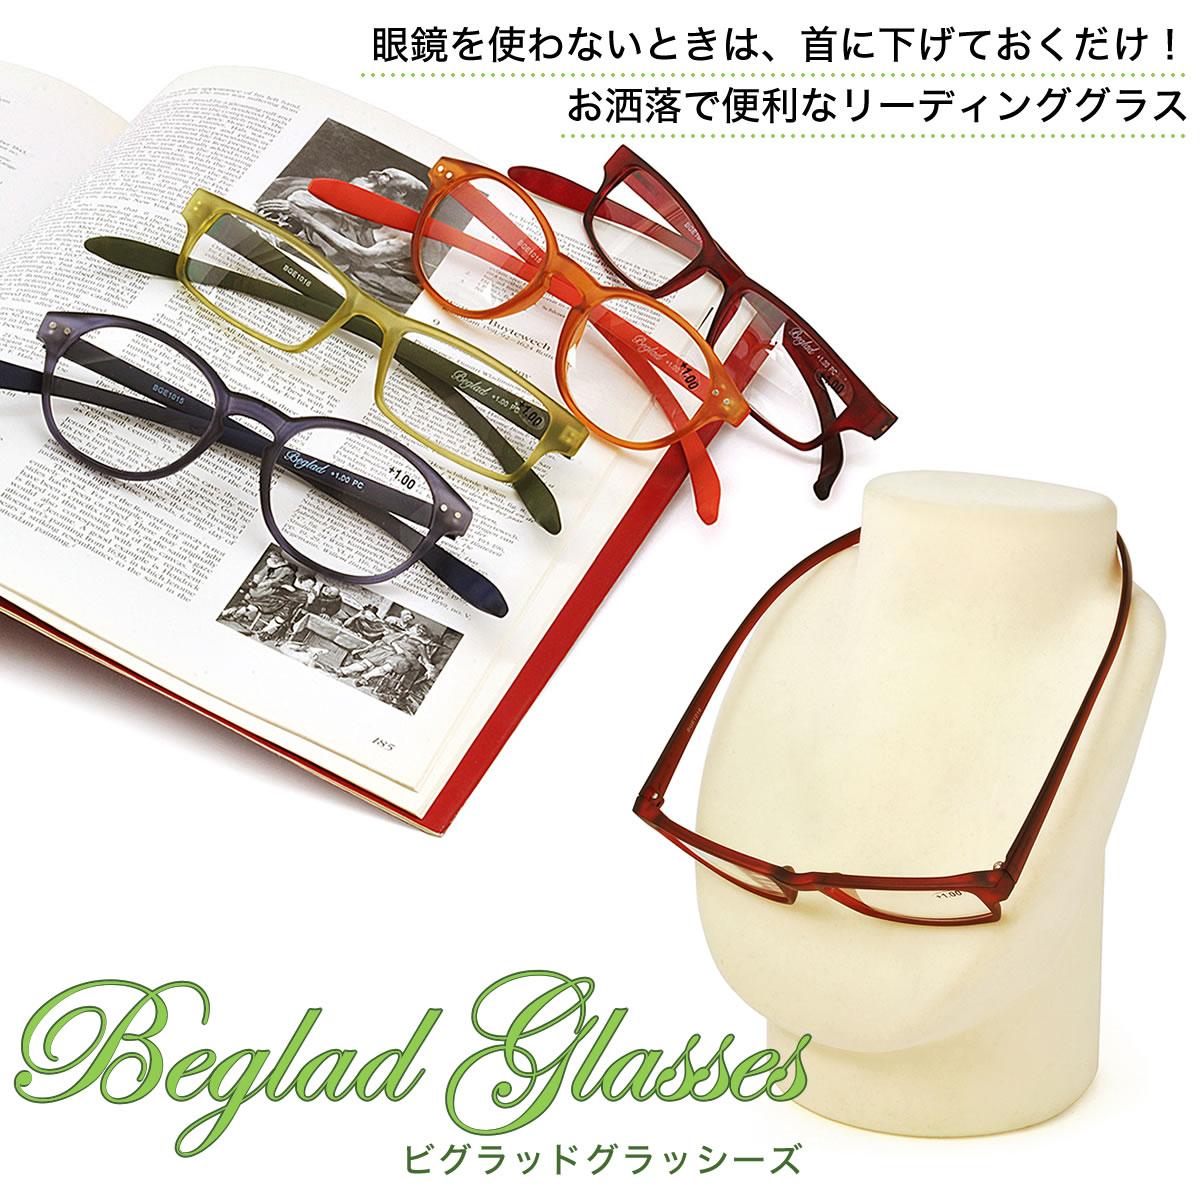 Beglad glasses ビグラッドグラッシーズ 使わないときは首に下げるだけ お洒落で便利なリーディンググラス 老眼鏡 BGE1015 あす楽対応 お洒落で便利 ACC スーパーセール まとめ買い特価 メール便:2個まで BGE1016 リーディンググラス シニアグラス